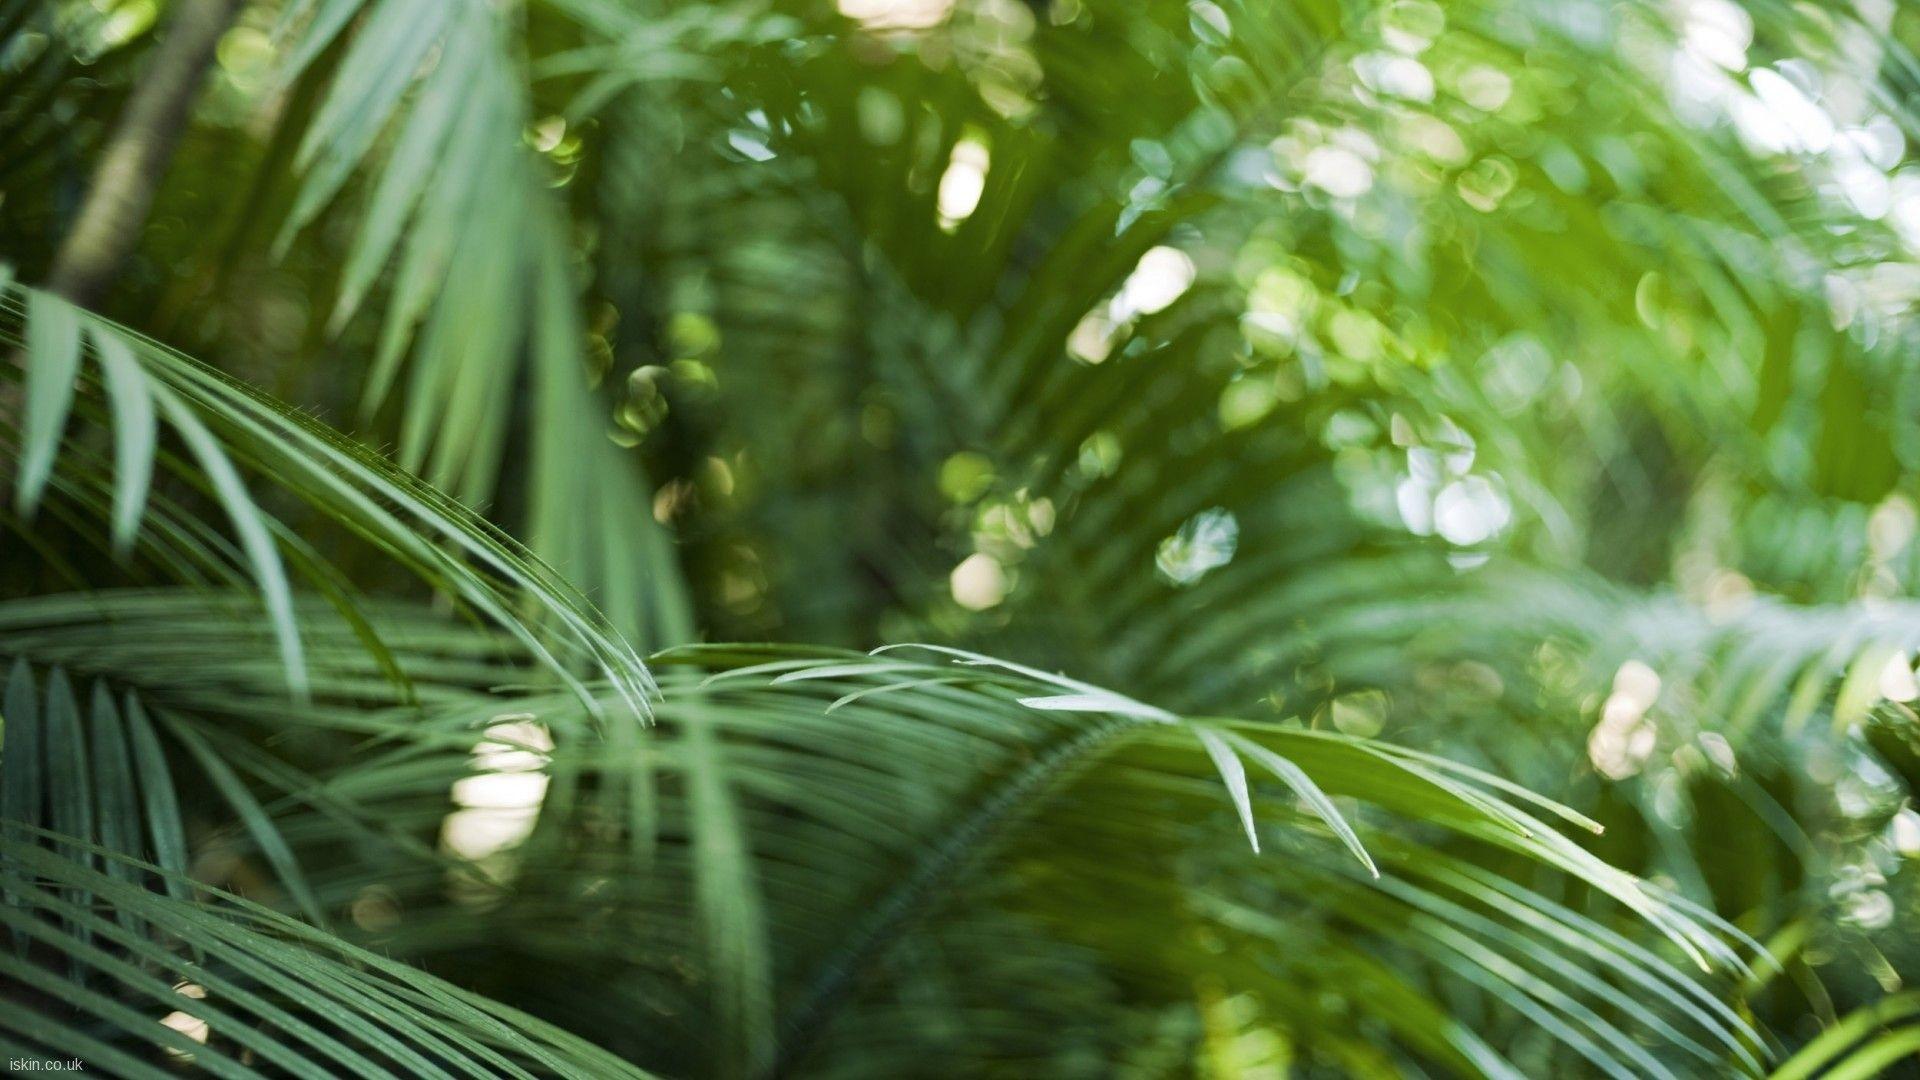 hintergrundbilder sonnenlicht wald tiefensch rfe garten natur gras pflanzen fotografie. Black Bedroom Furniture Sets. Home Design Ideas